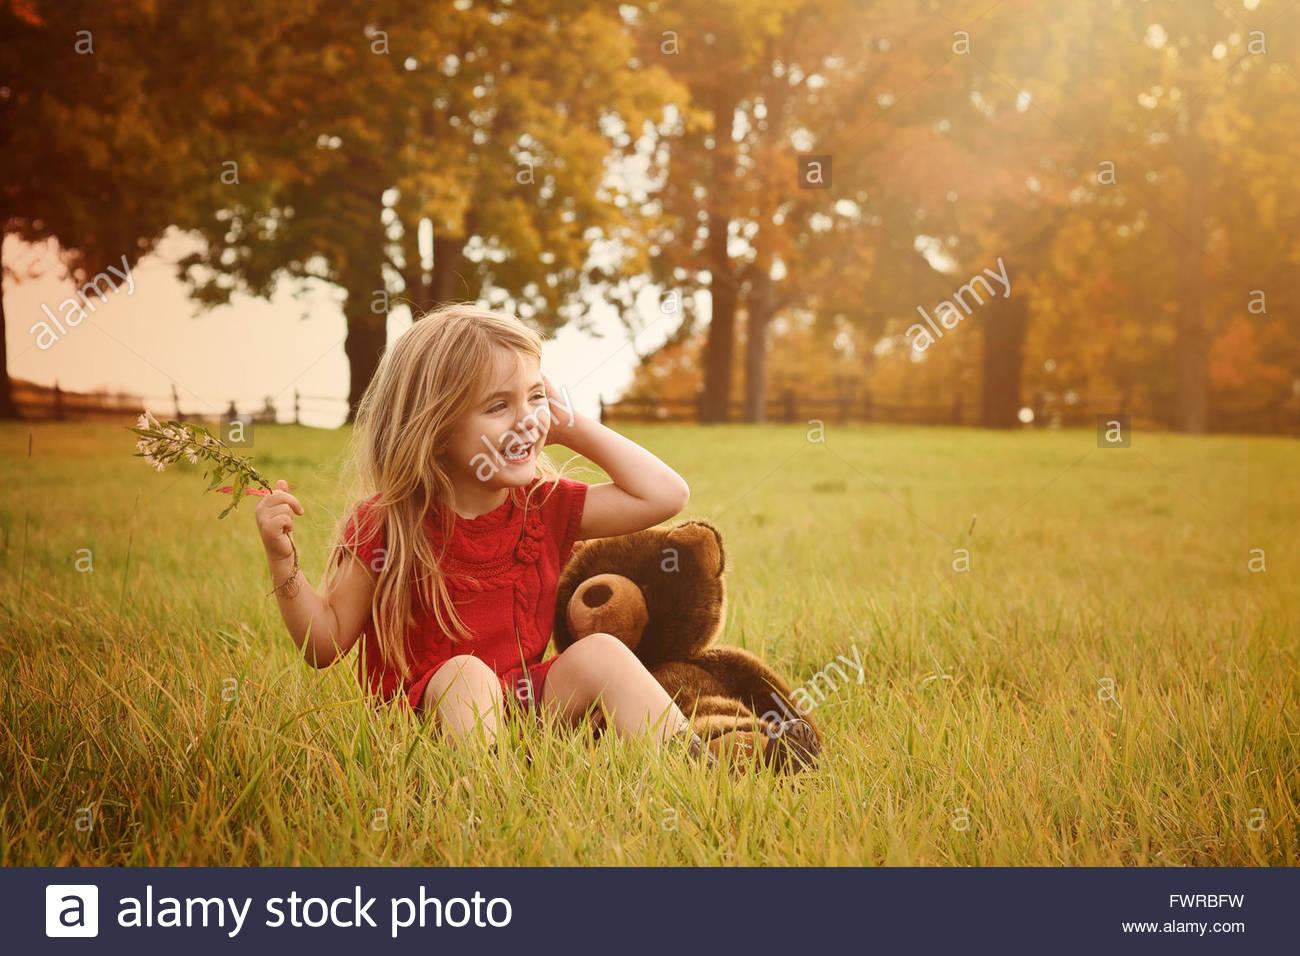 La bambina è seduta al di fuori del paese con erba verde e sole per una felicità o concetto Natura. Immagini Stock